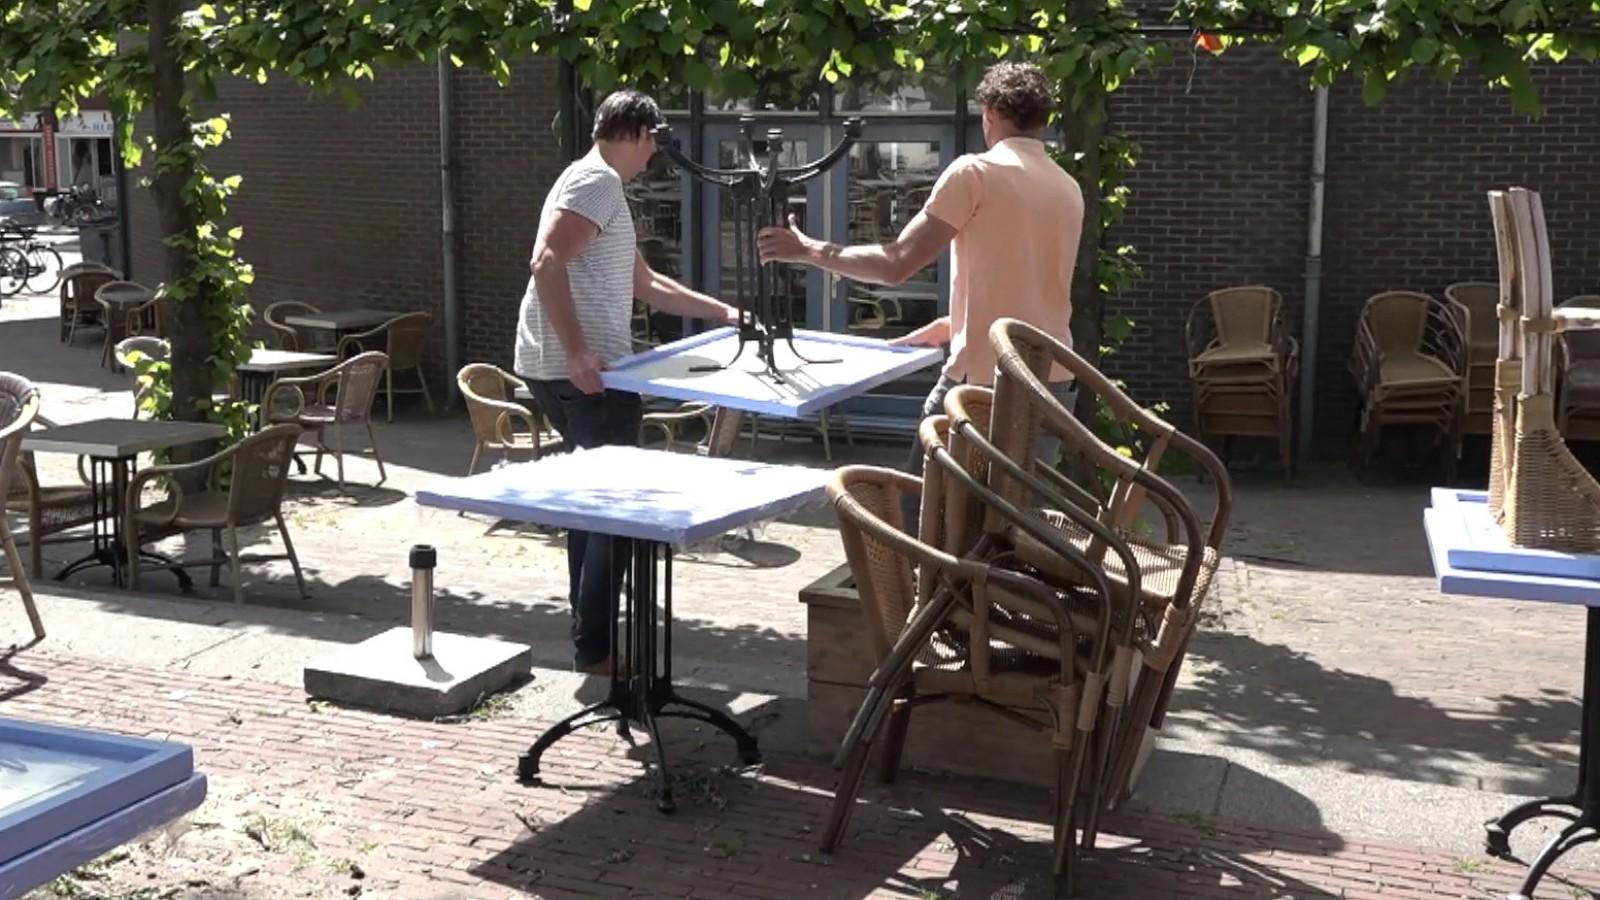 Hilversumse horeca-ondernemers  klaar voor heropening met gezamenlijk terras